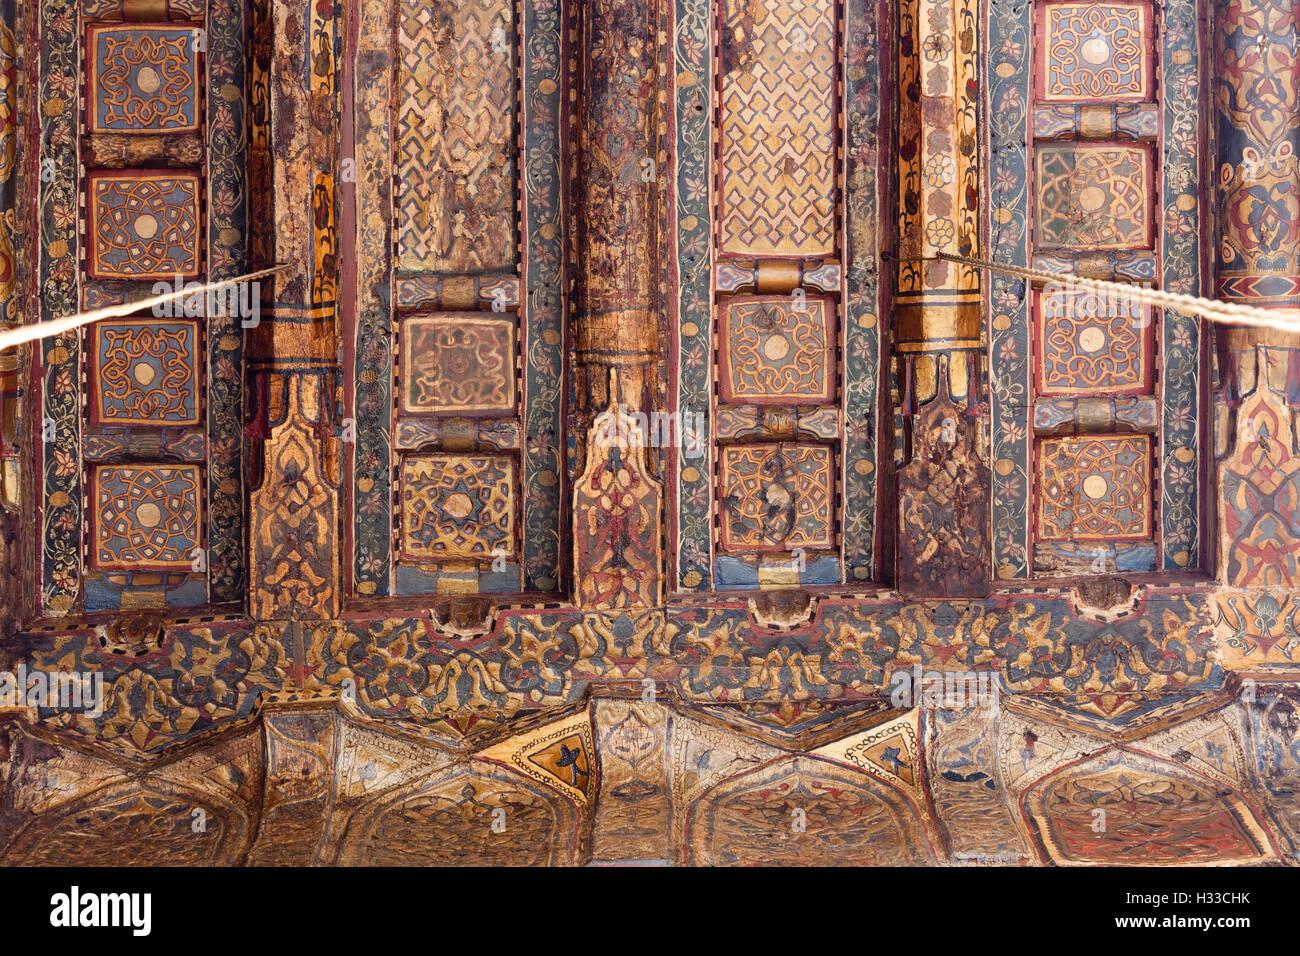 detail of painted ceiling, Madrasa of Yusuf ibn Ahmad Jamal al-Din al-Ustadar, Cairo, Egypt - Stock Image